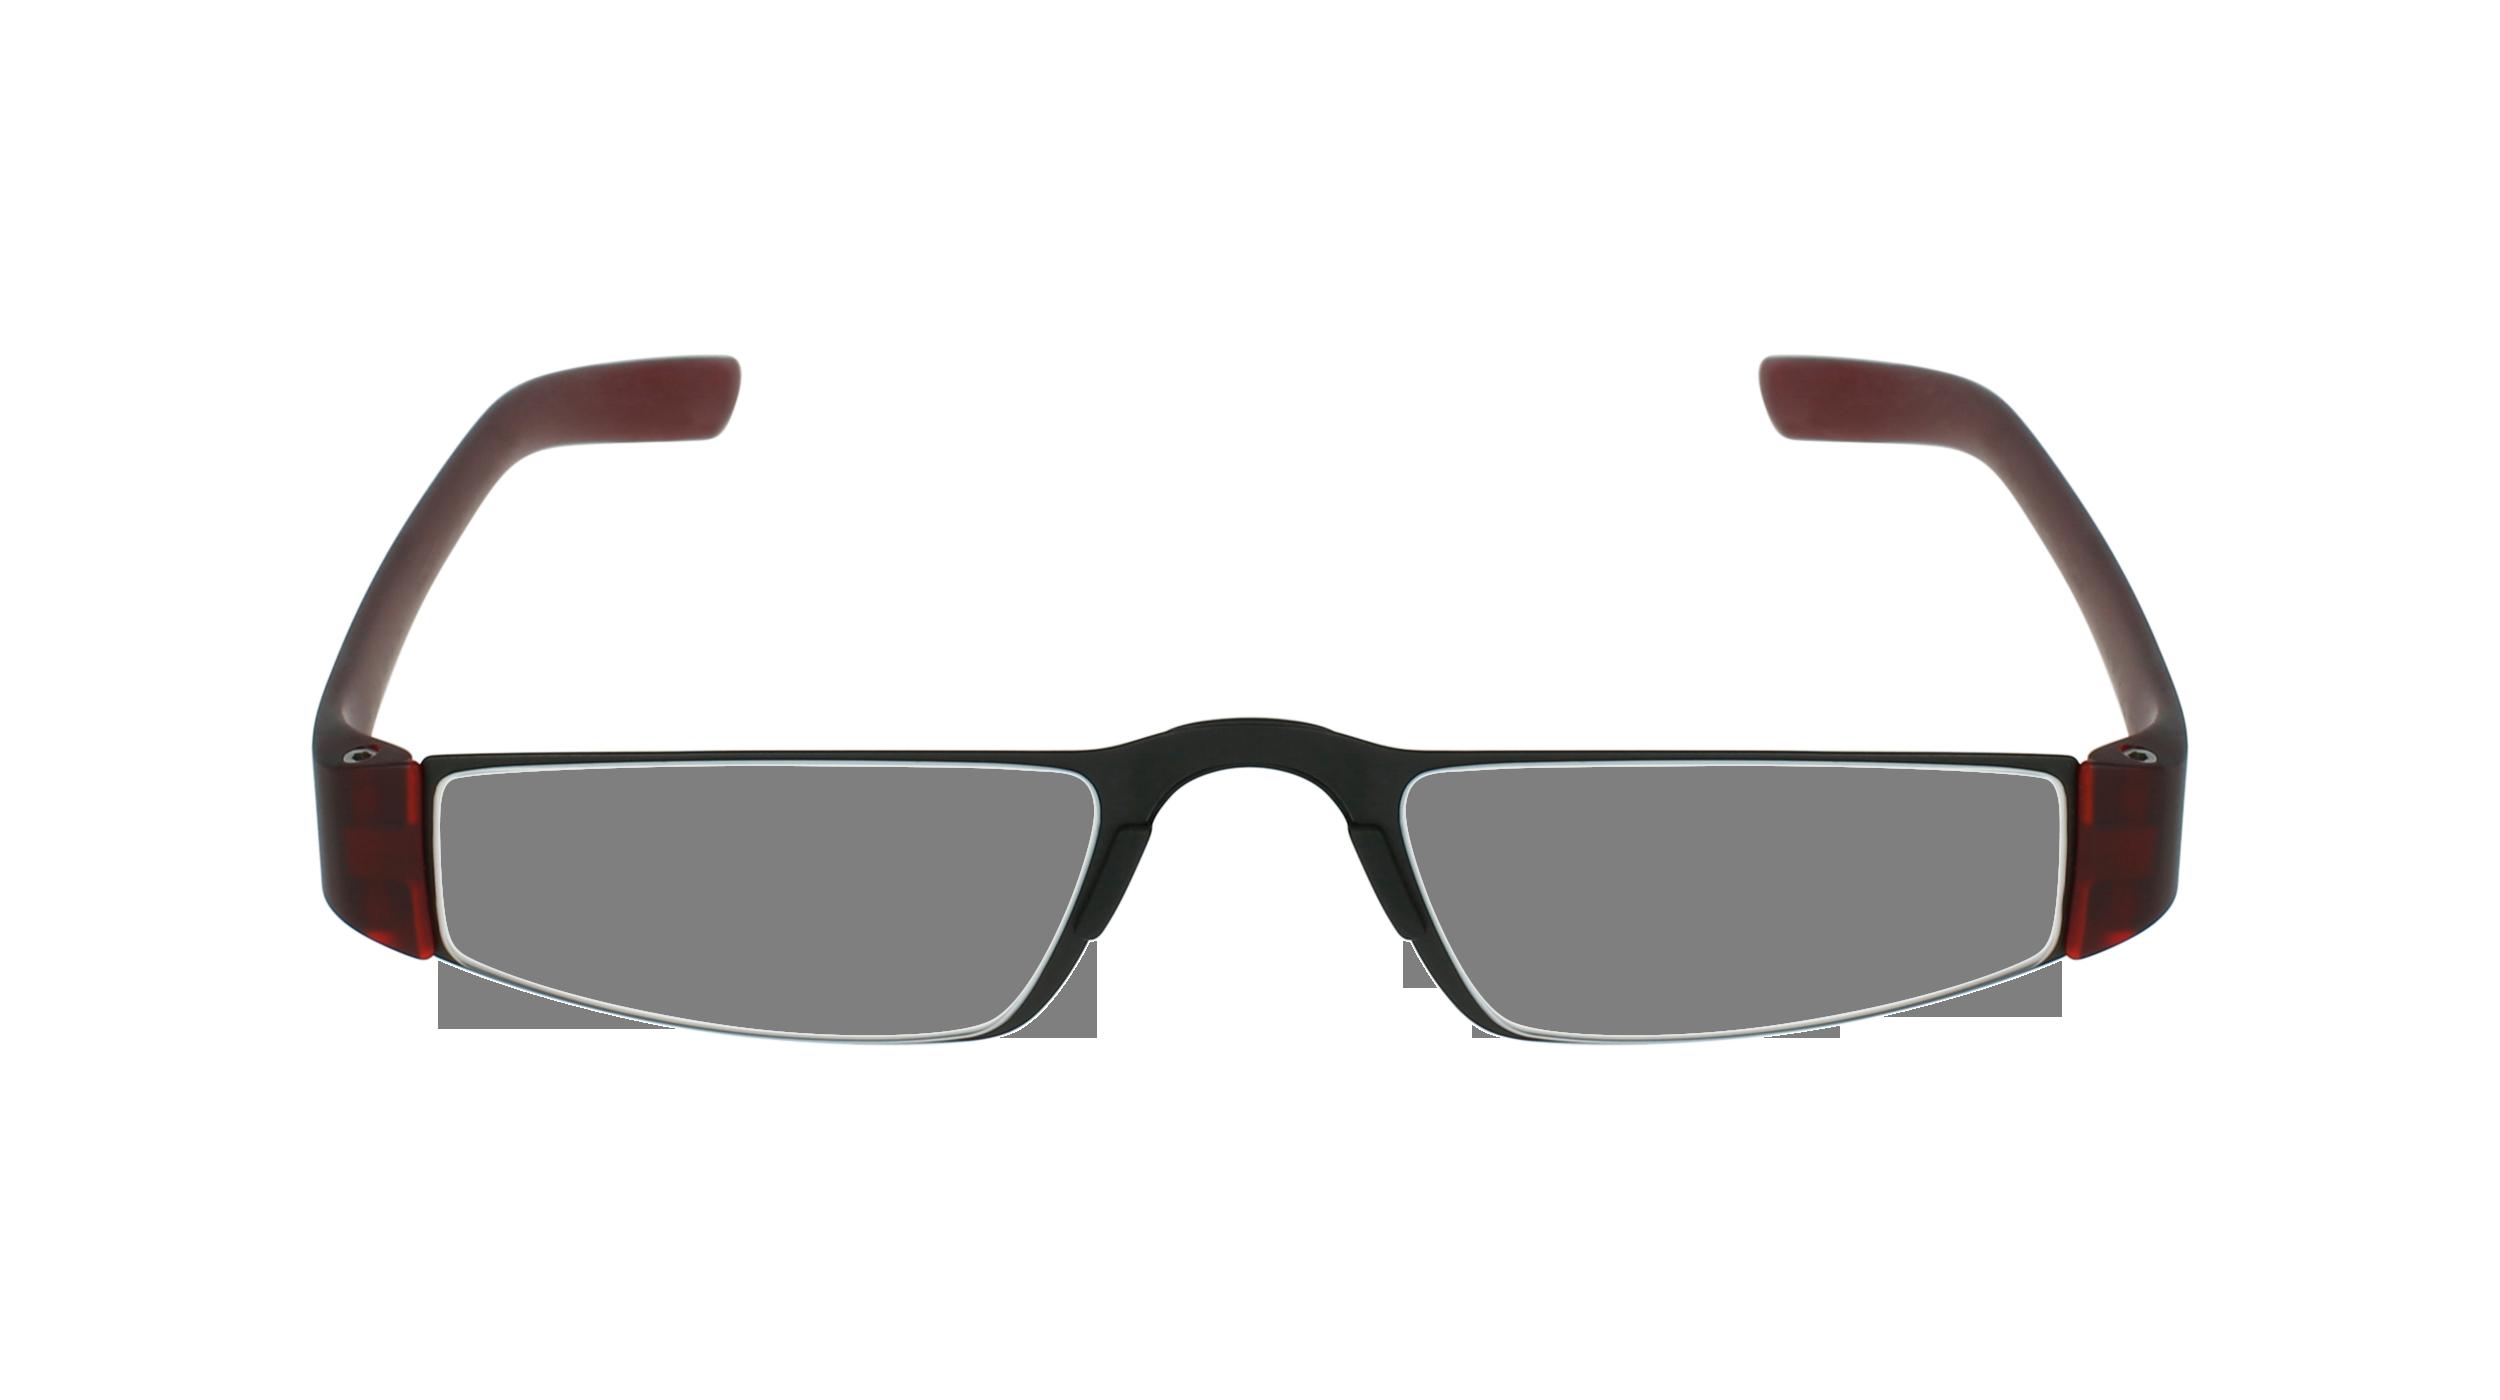 Optic2000 Lunettes Porsche Design